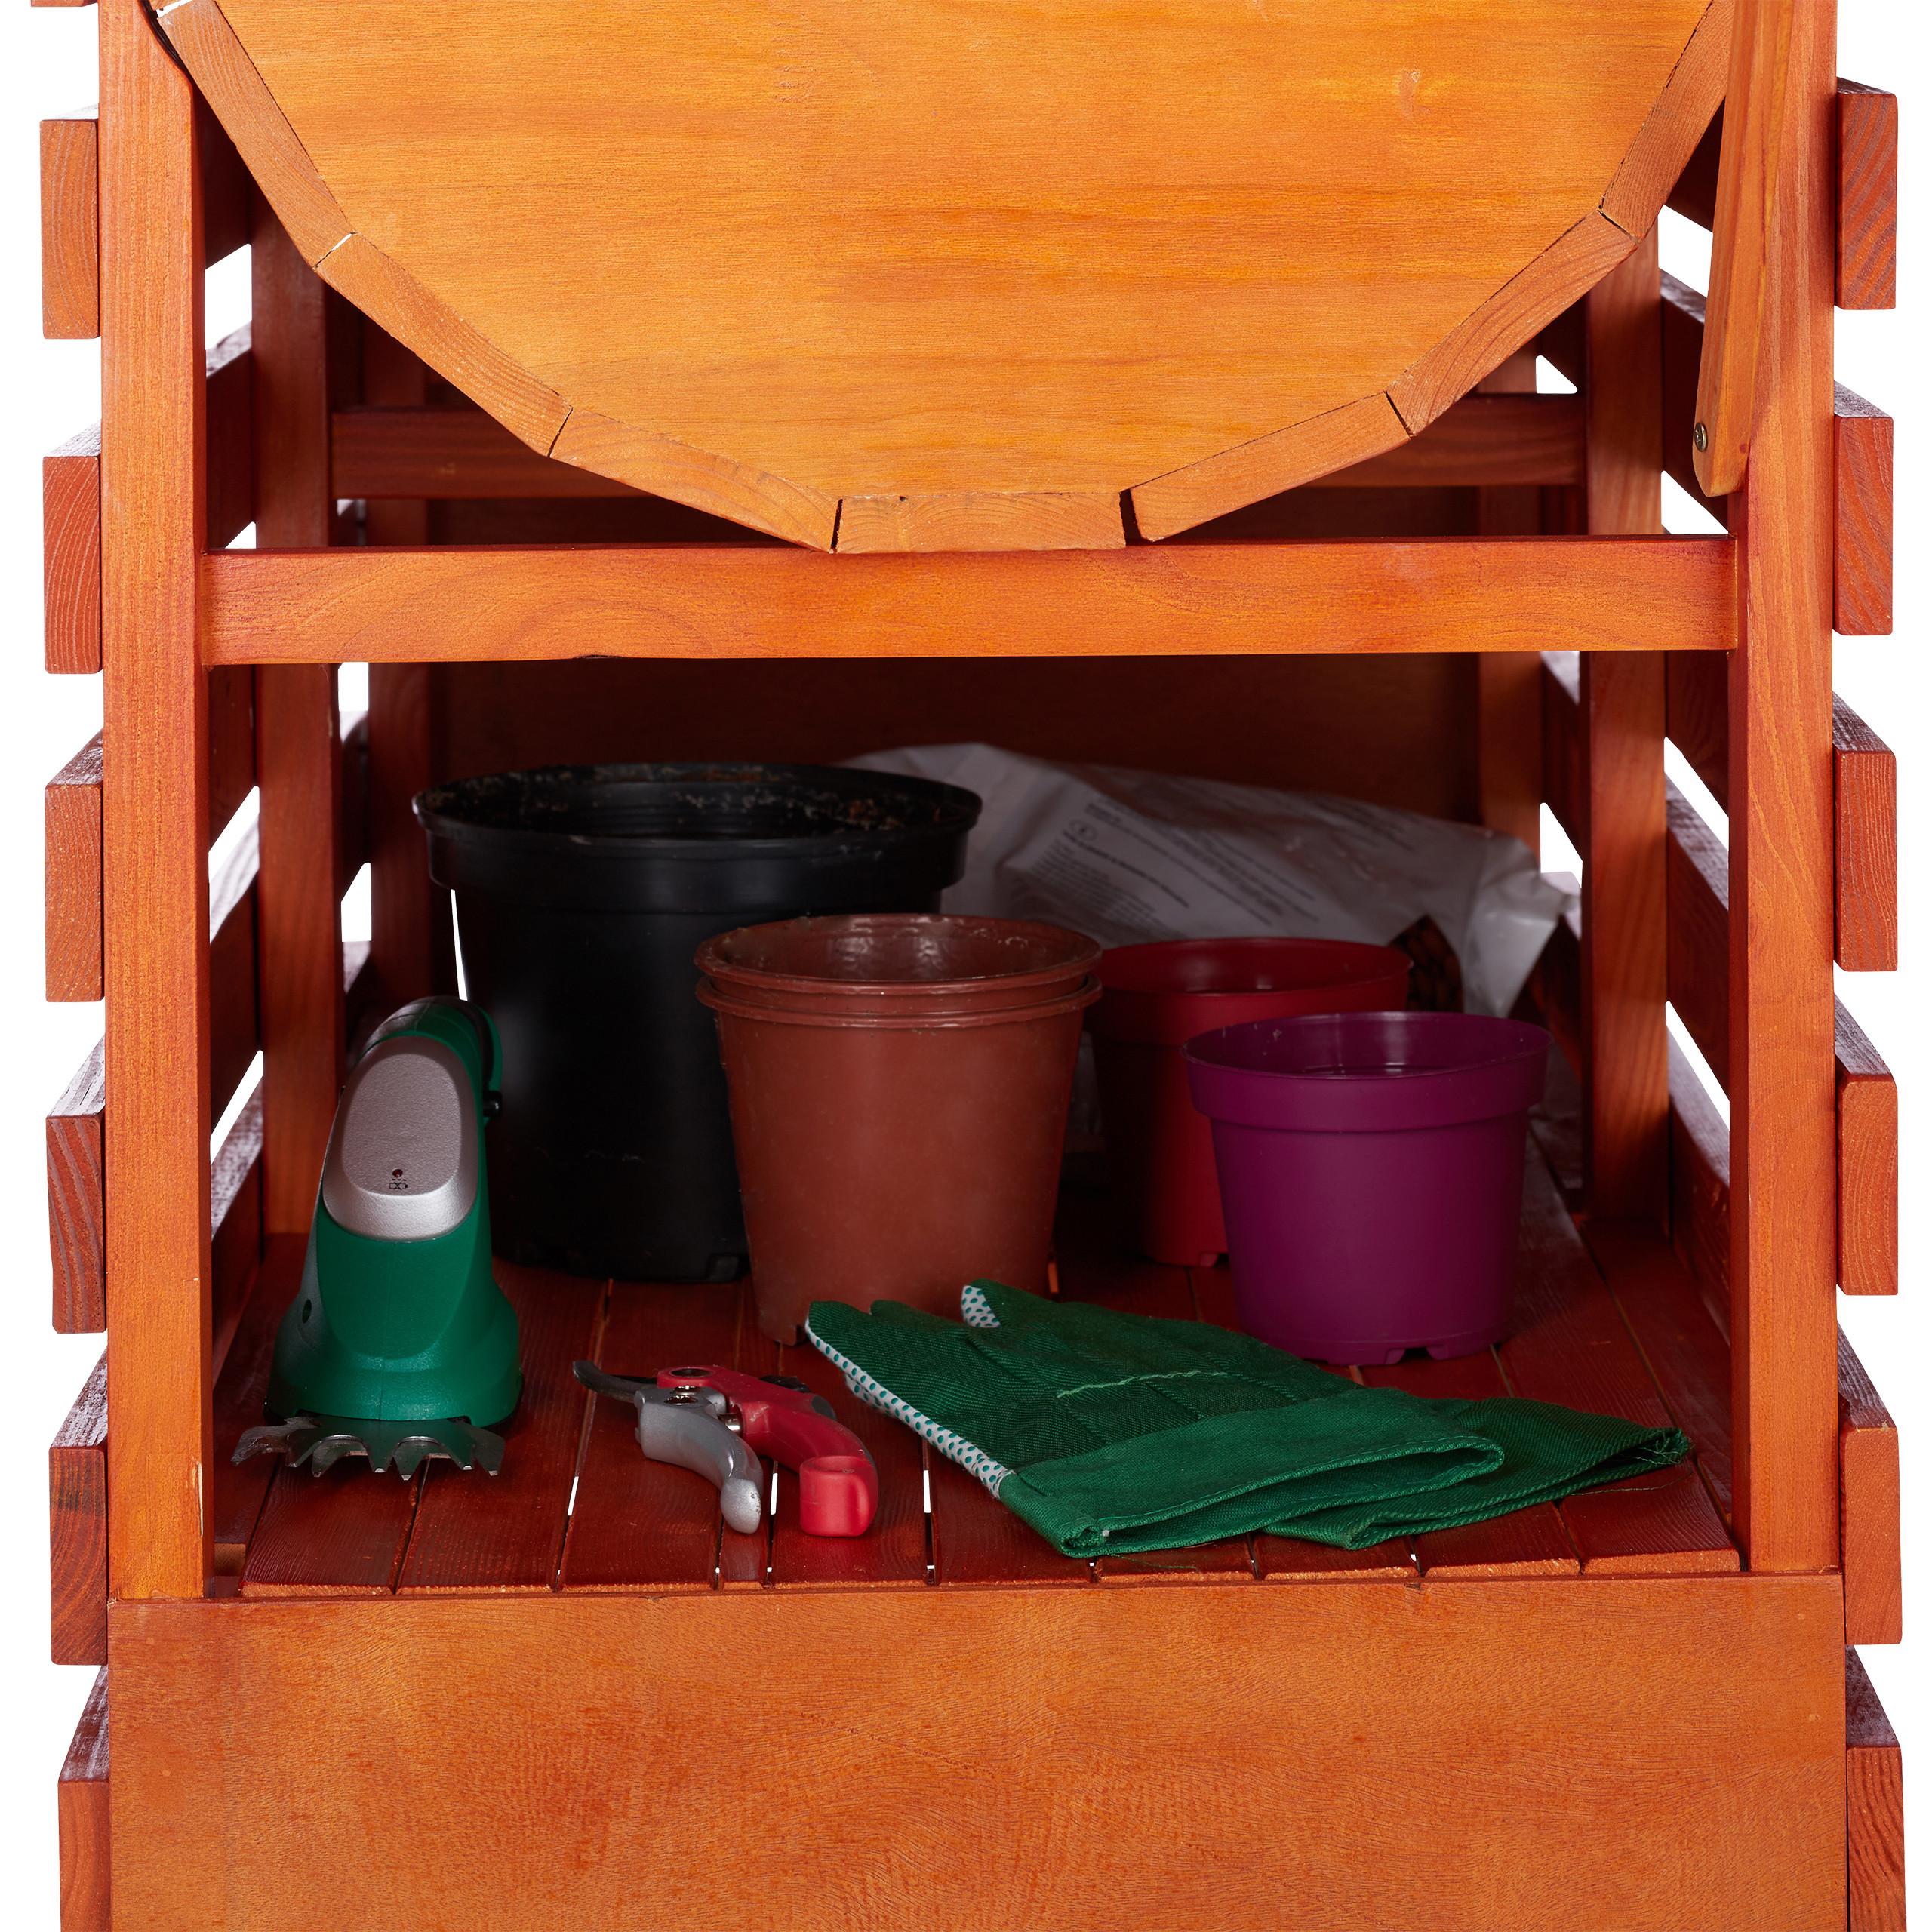 Hochbeet-Holz-Trog-Blumenkasten-Pflanzkasten-Fruehbeet-auf-Rollen-Kraeuterbeet Indexbild 18